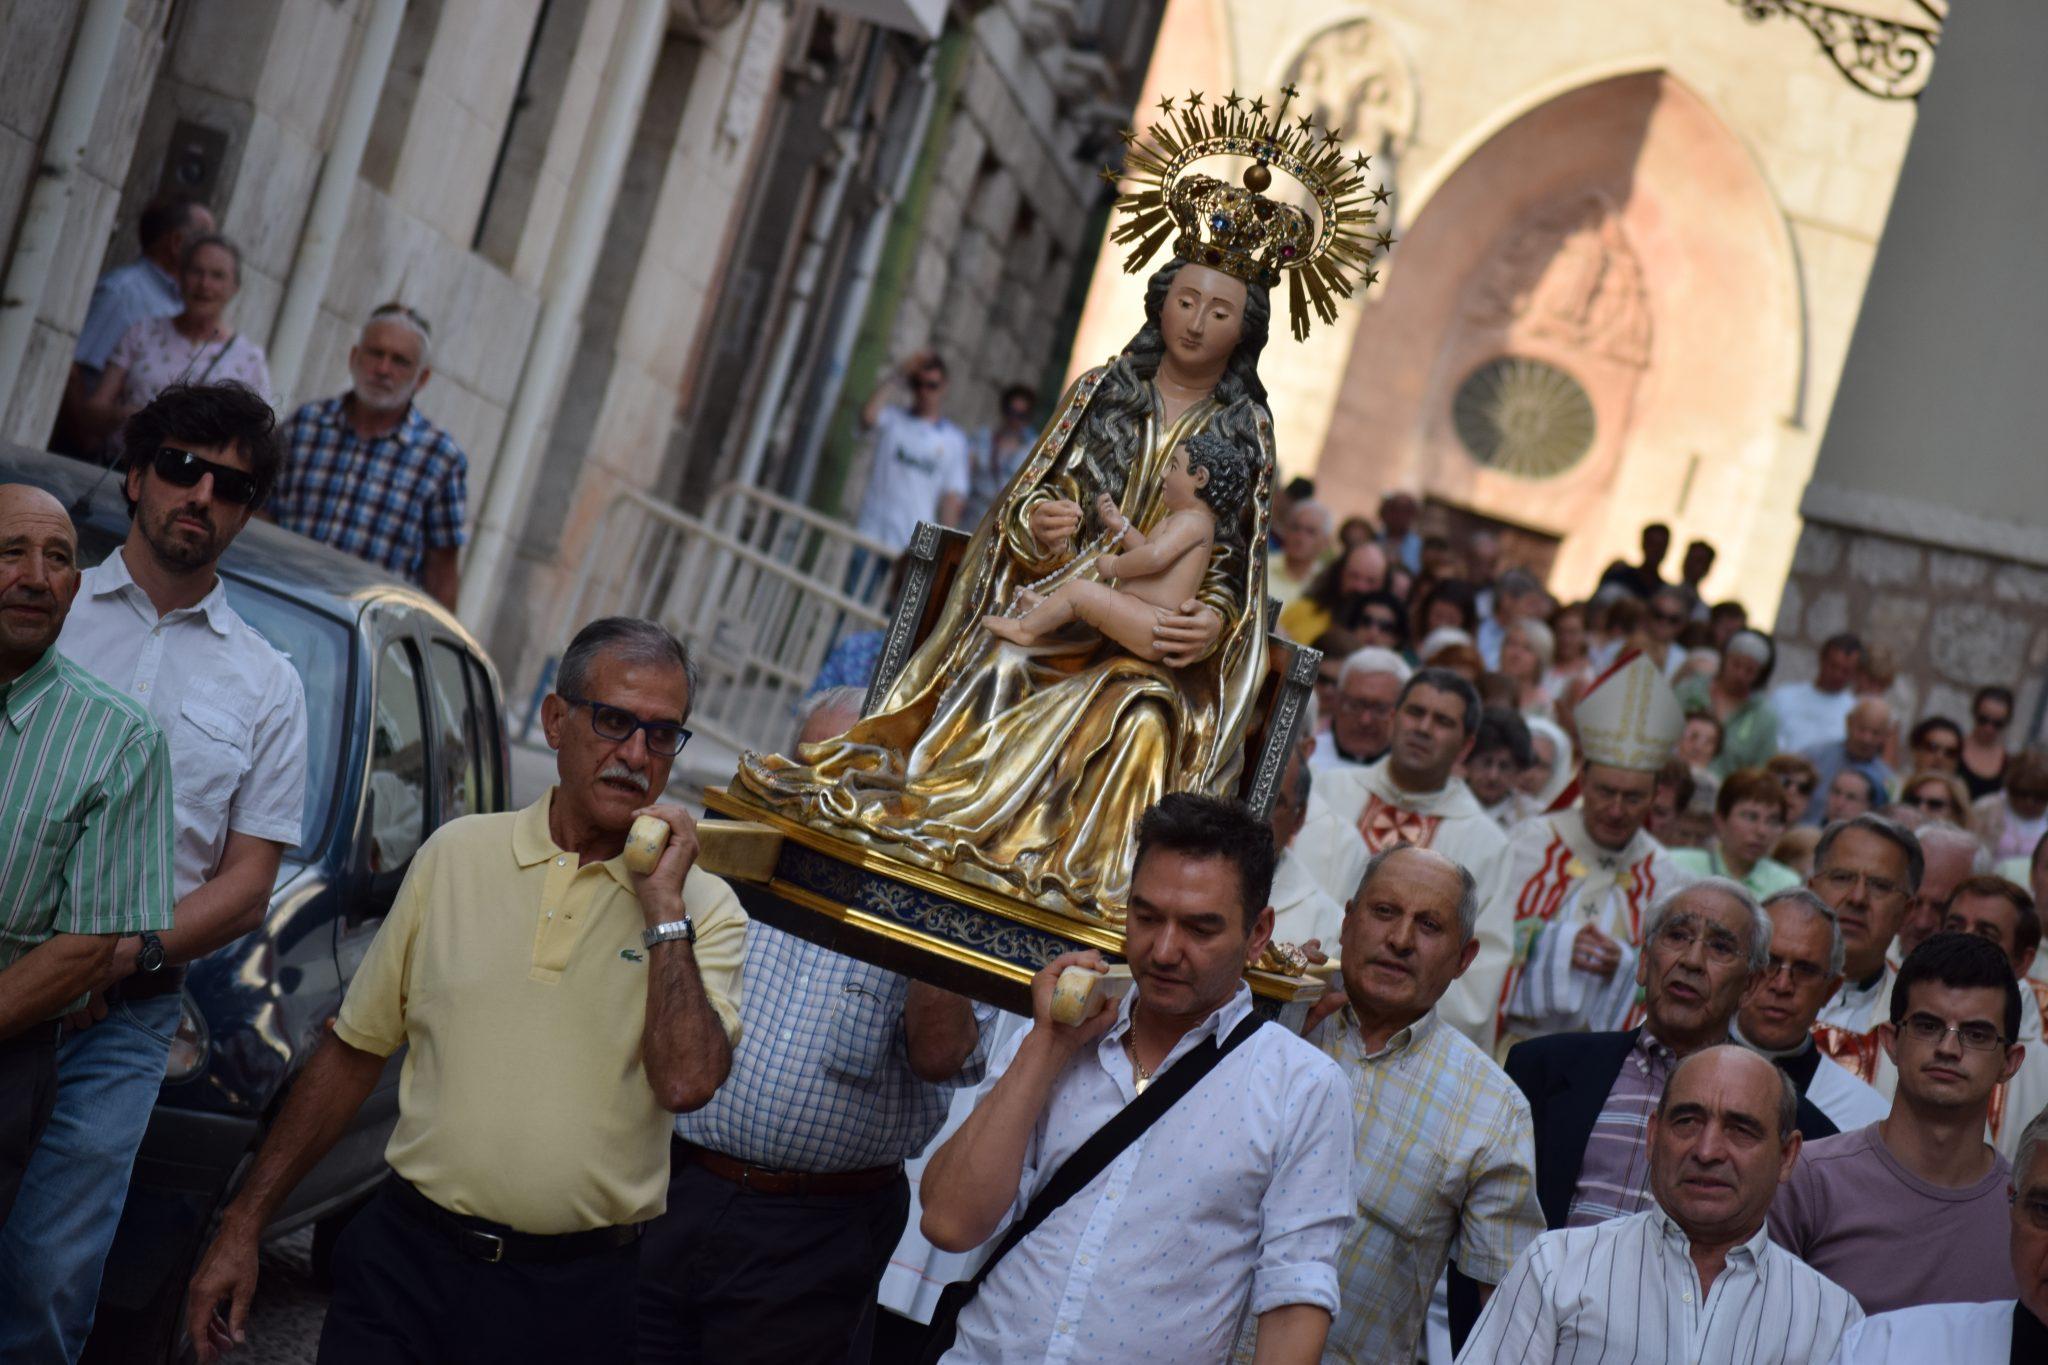 Una procesión con la imagen de la Virgen recorrerá las calles el 14 de agosto.